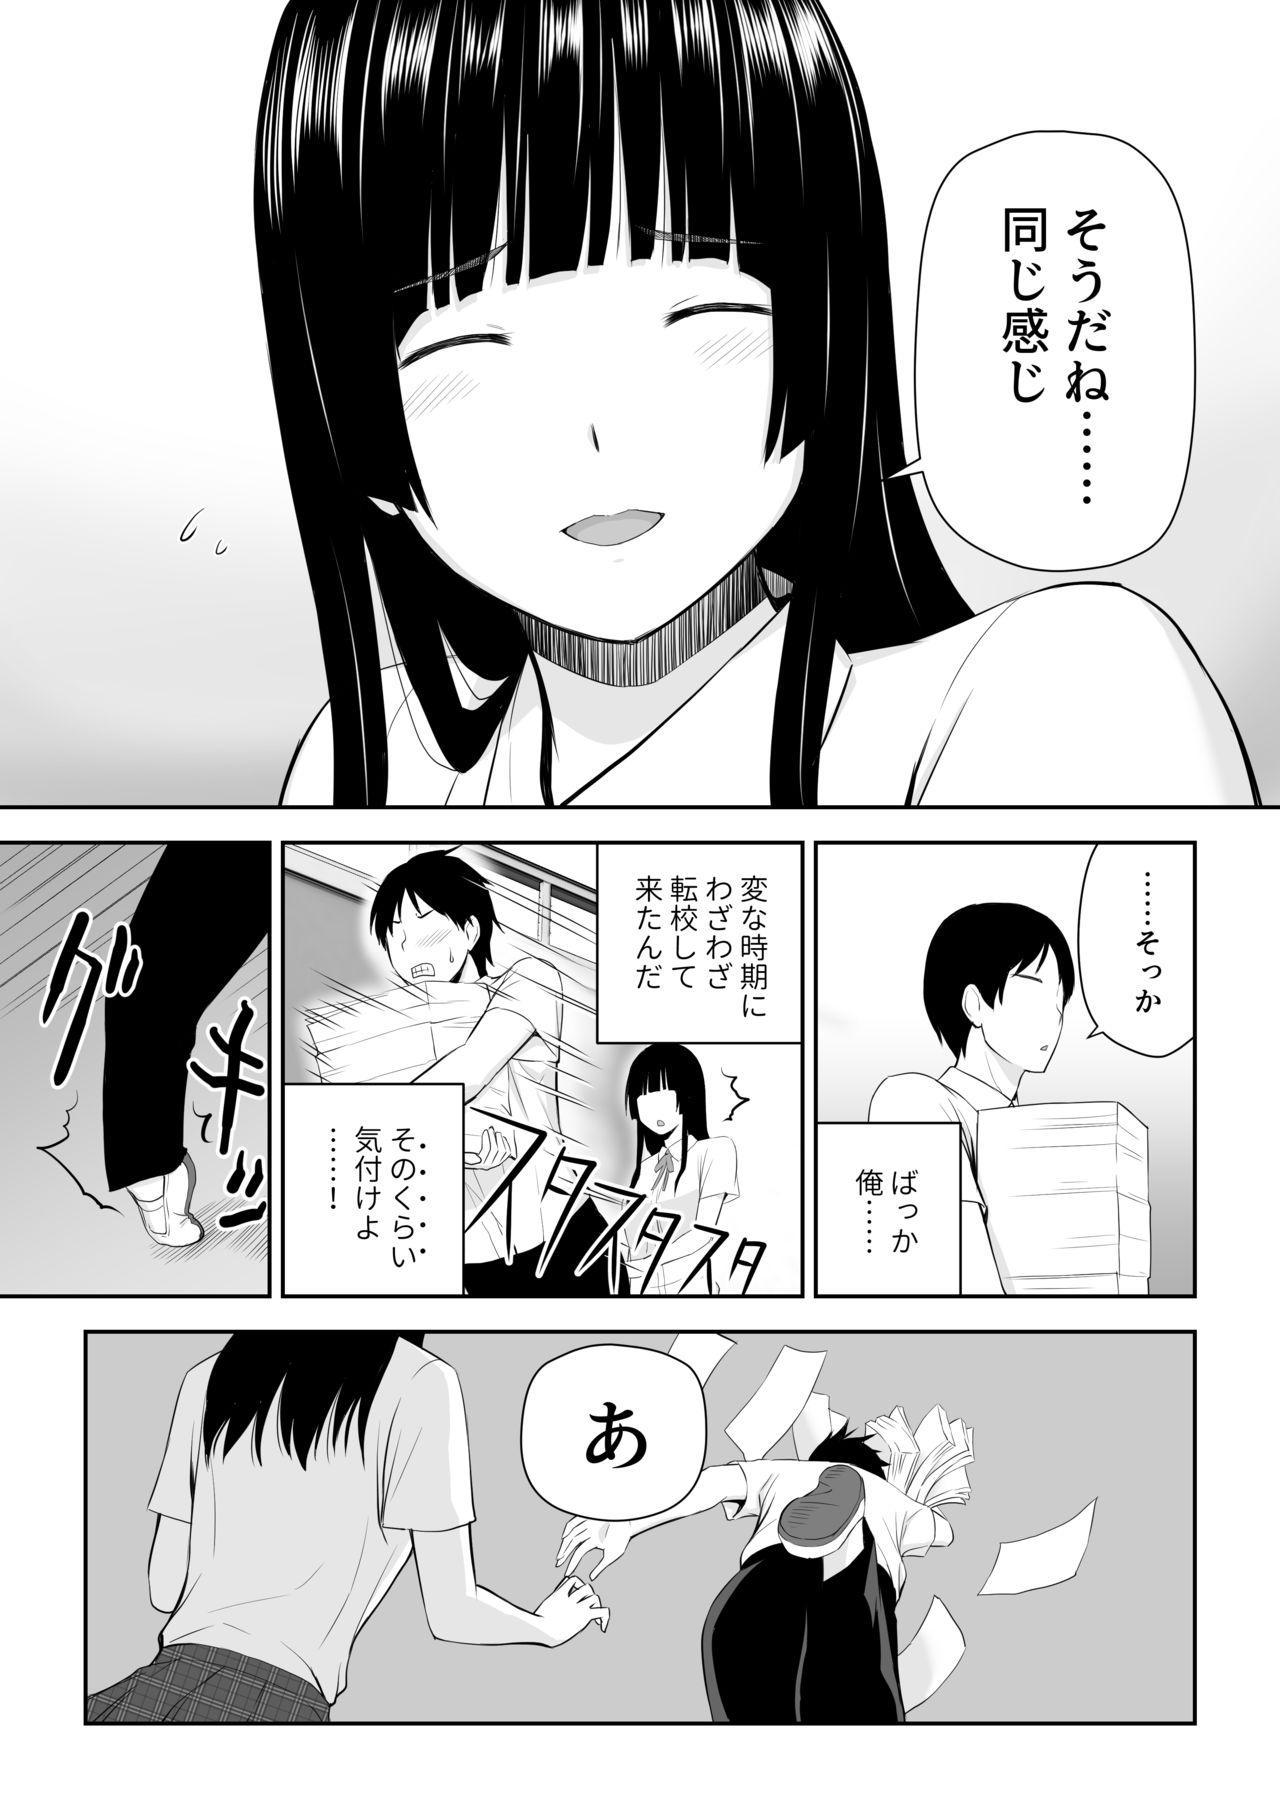 Suzushiro-san wa Onegai ni Yowai 15